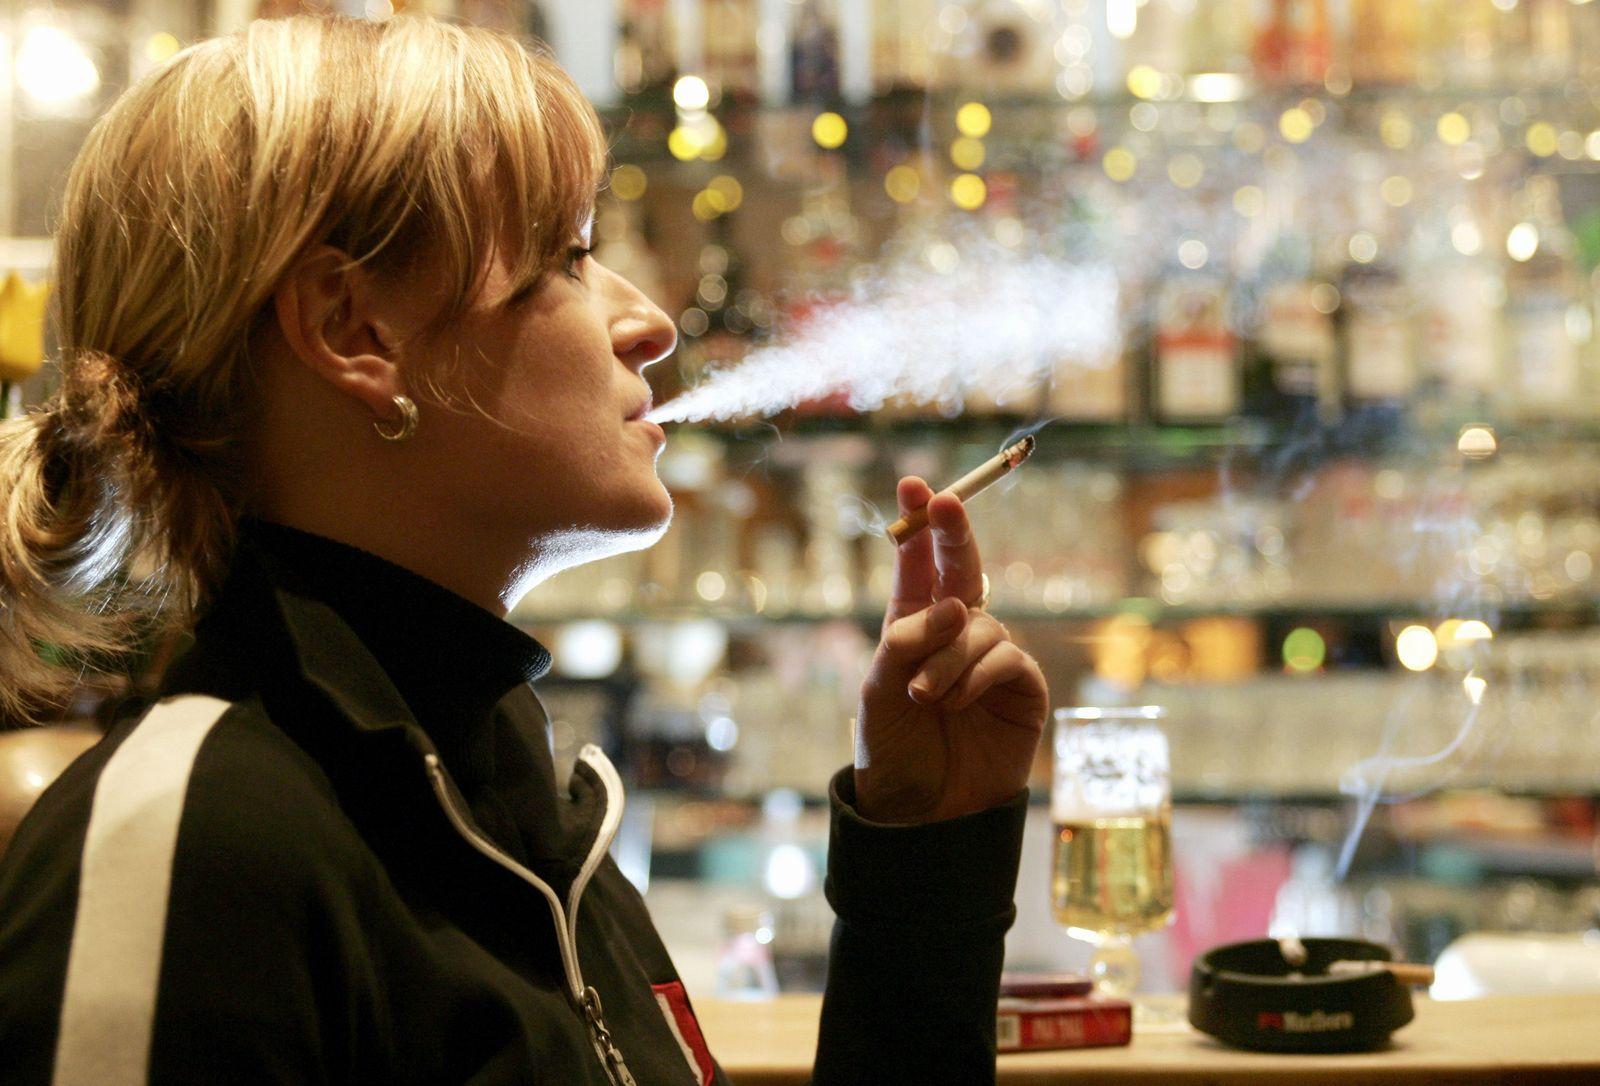 Alkohol / Rauchen / Zigaretten / Rauchverbot / Drogen / Abhängigkeit / Sucht